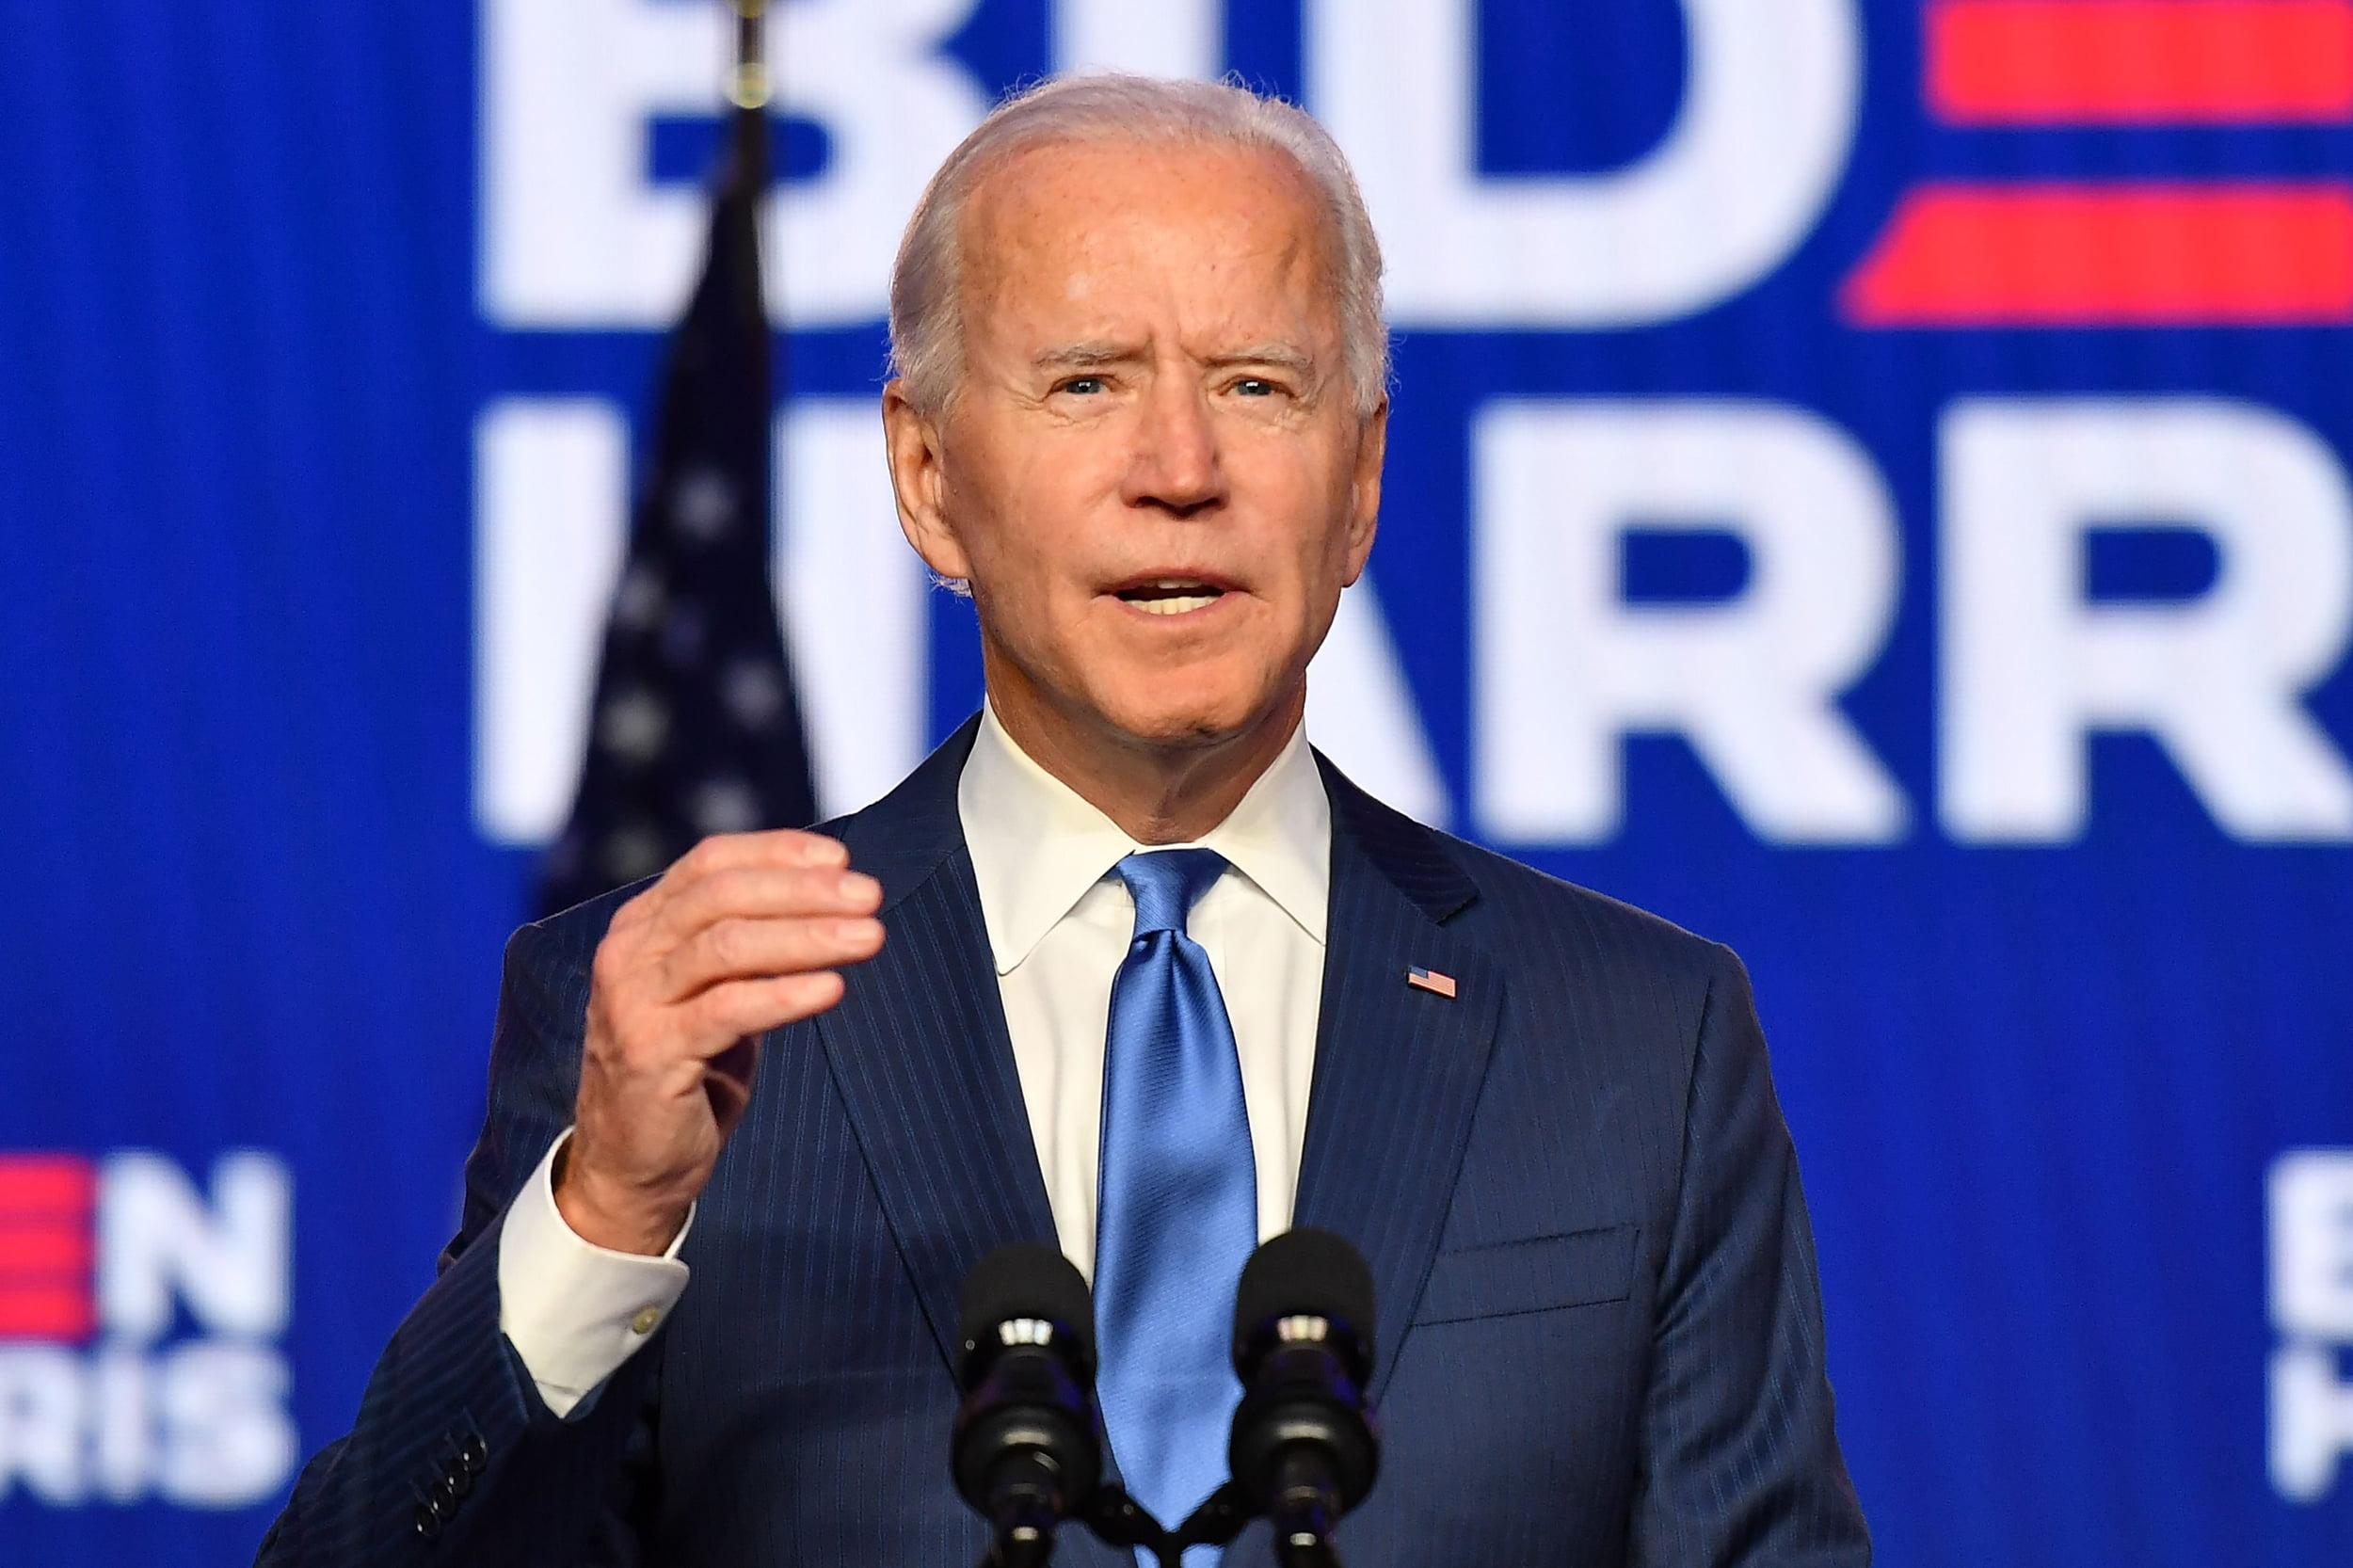 Presiden terpilih Amerika Serikat (AS) Joe Biden mengunci kemenangan atas rivalnya yang seorang petahana, Donald Trump. Ucapan selamat mengalir dari para kepala negara, tak terkecuali dari Joko Widodo (Jokowi) sebagai Presiden Republik Indonesia (RI)